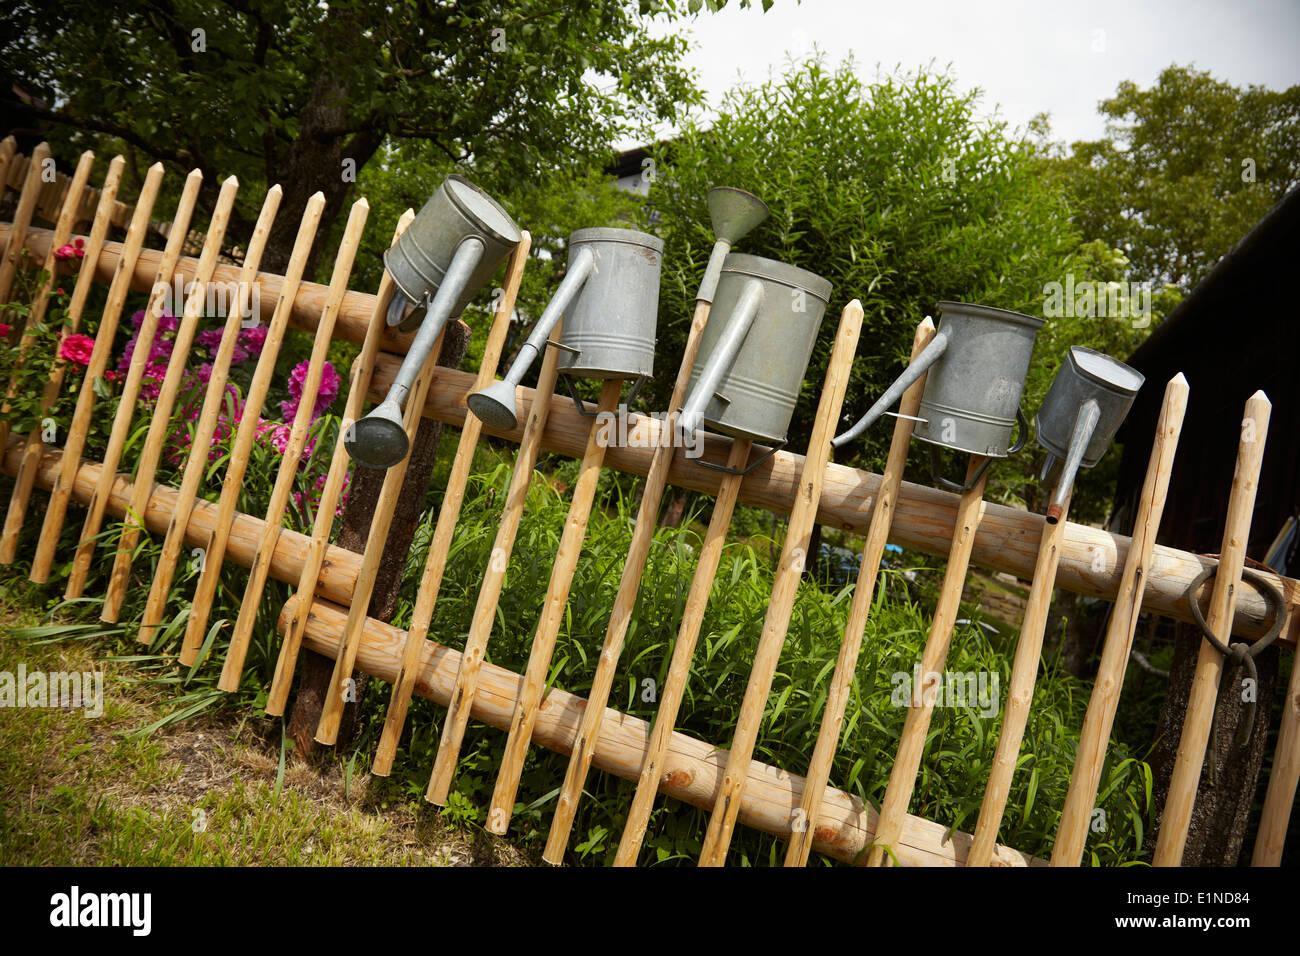 Garden Fence Stock Photos & Garden Fence Stock Images - Alamy